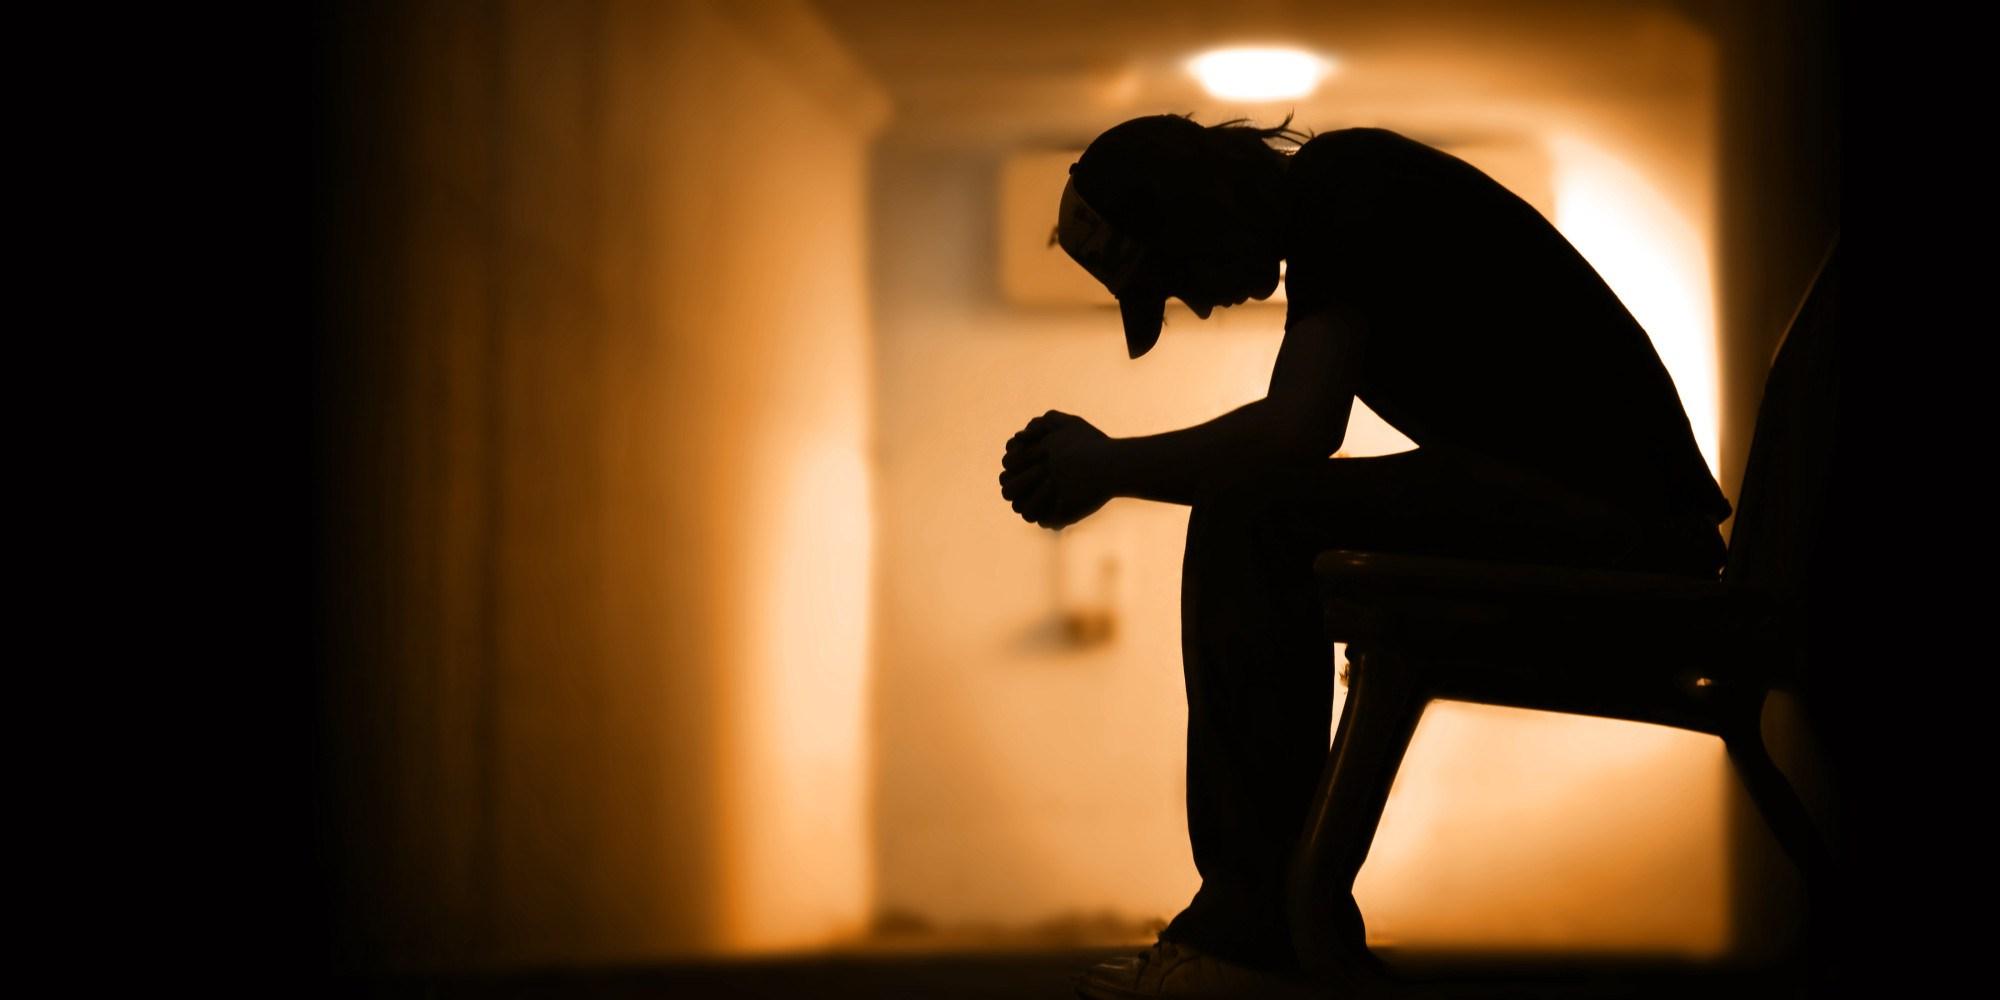 Relações sociais interferem em transtornos e comportamentos suicidas